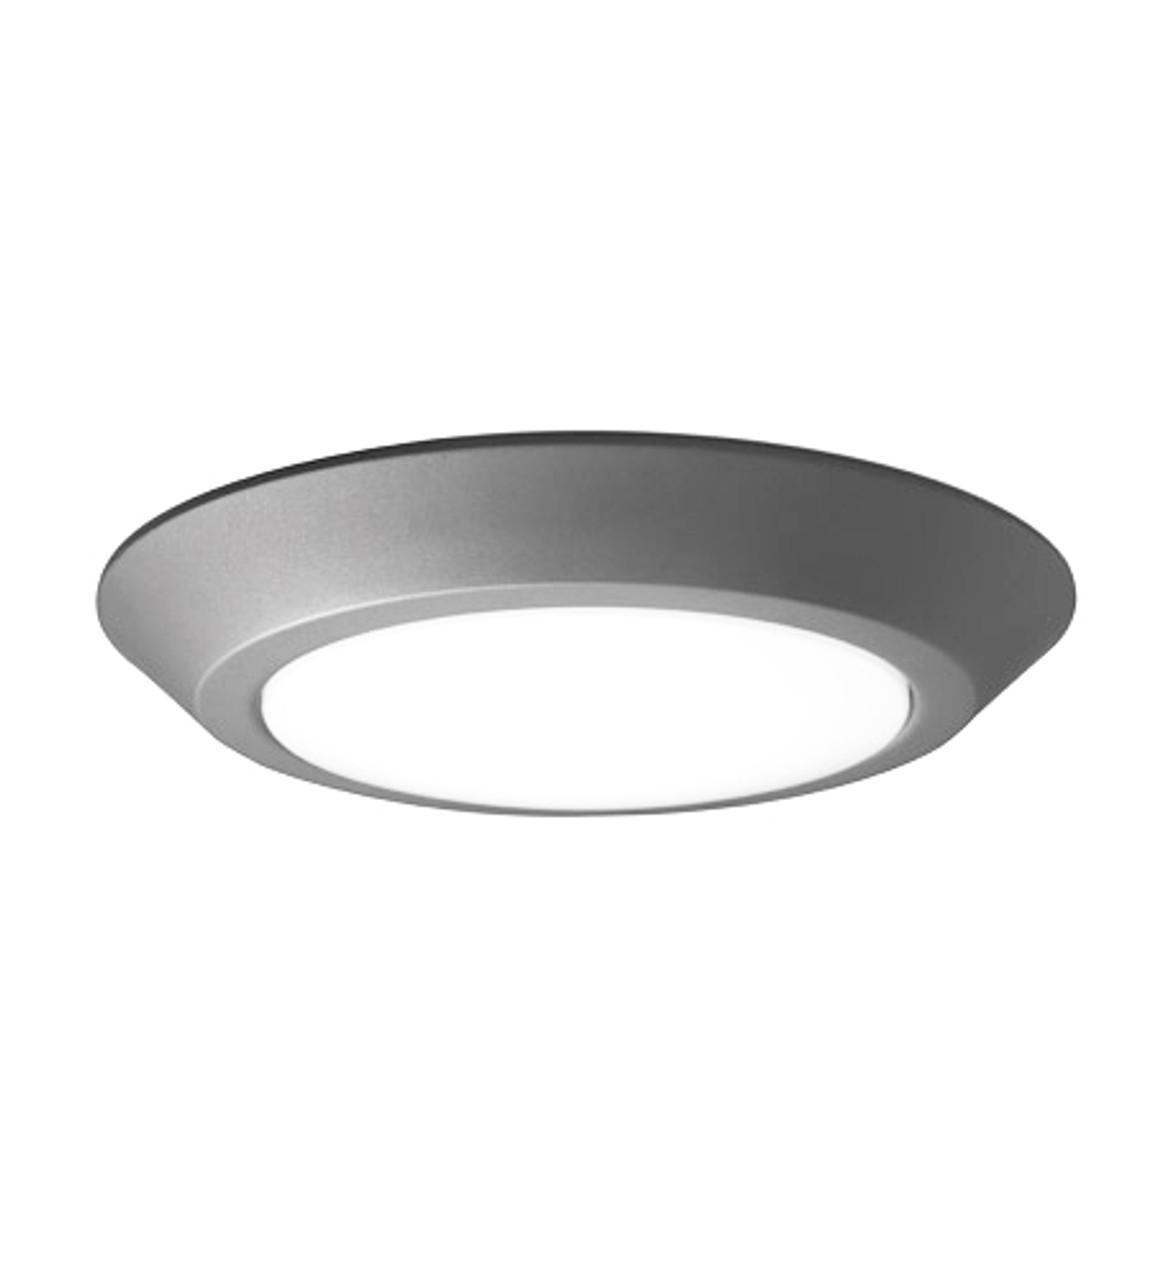 Led disk light flush mount led perfect walkways breezeways storage and utility areas